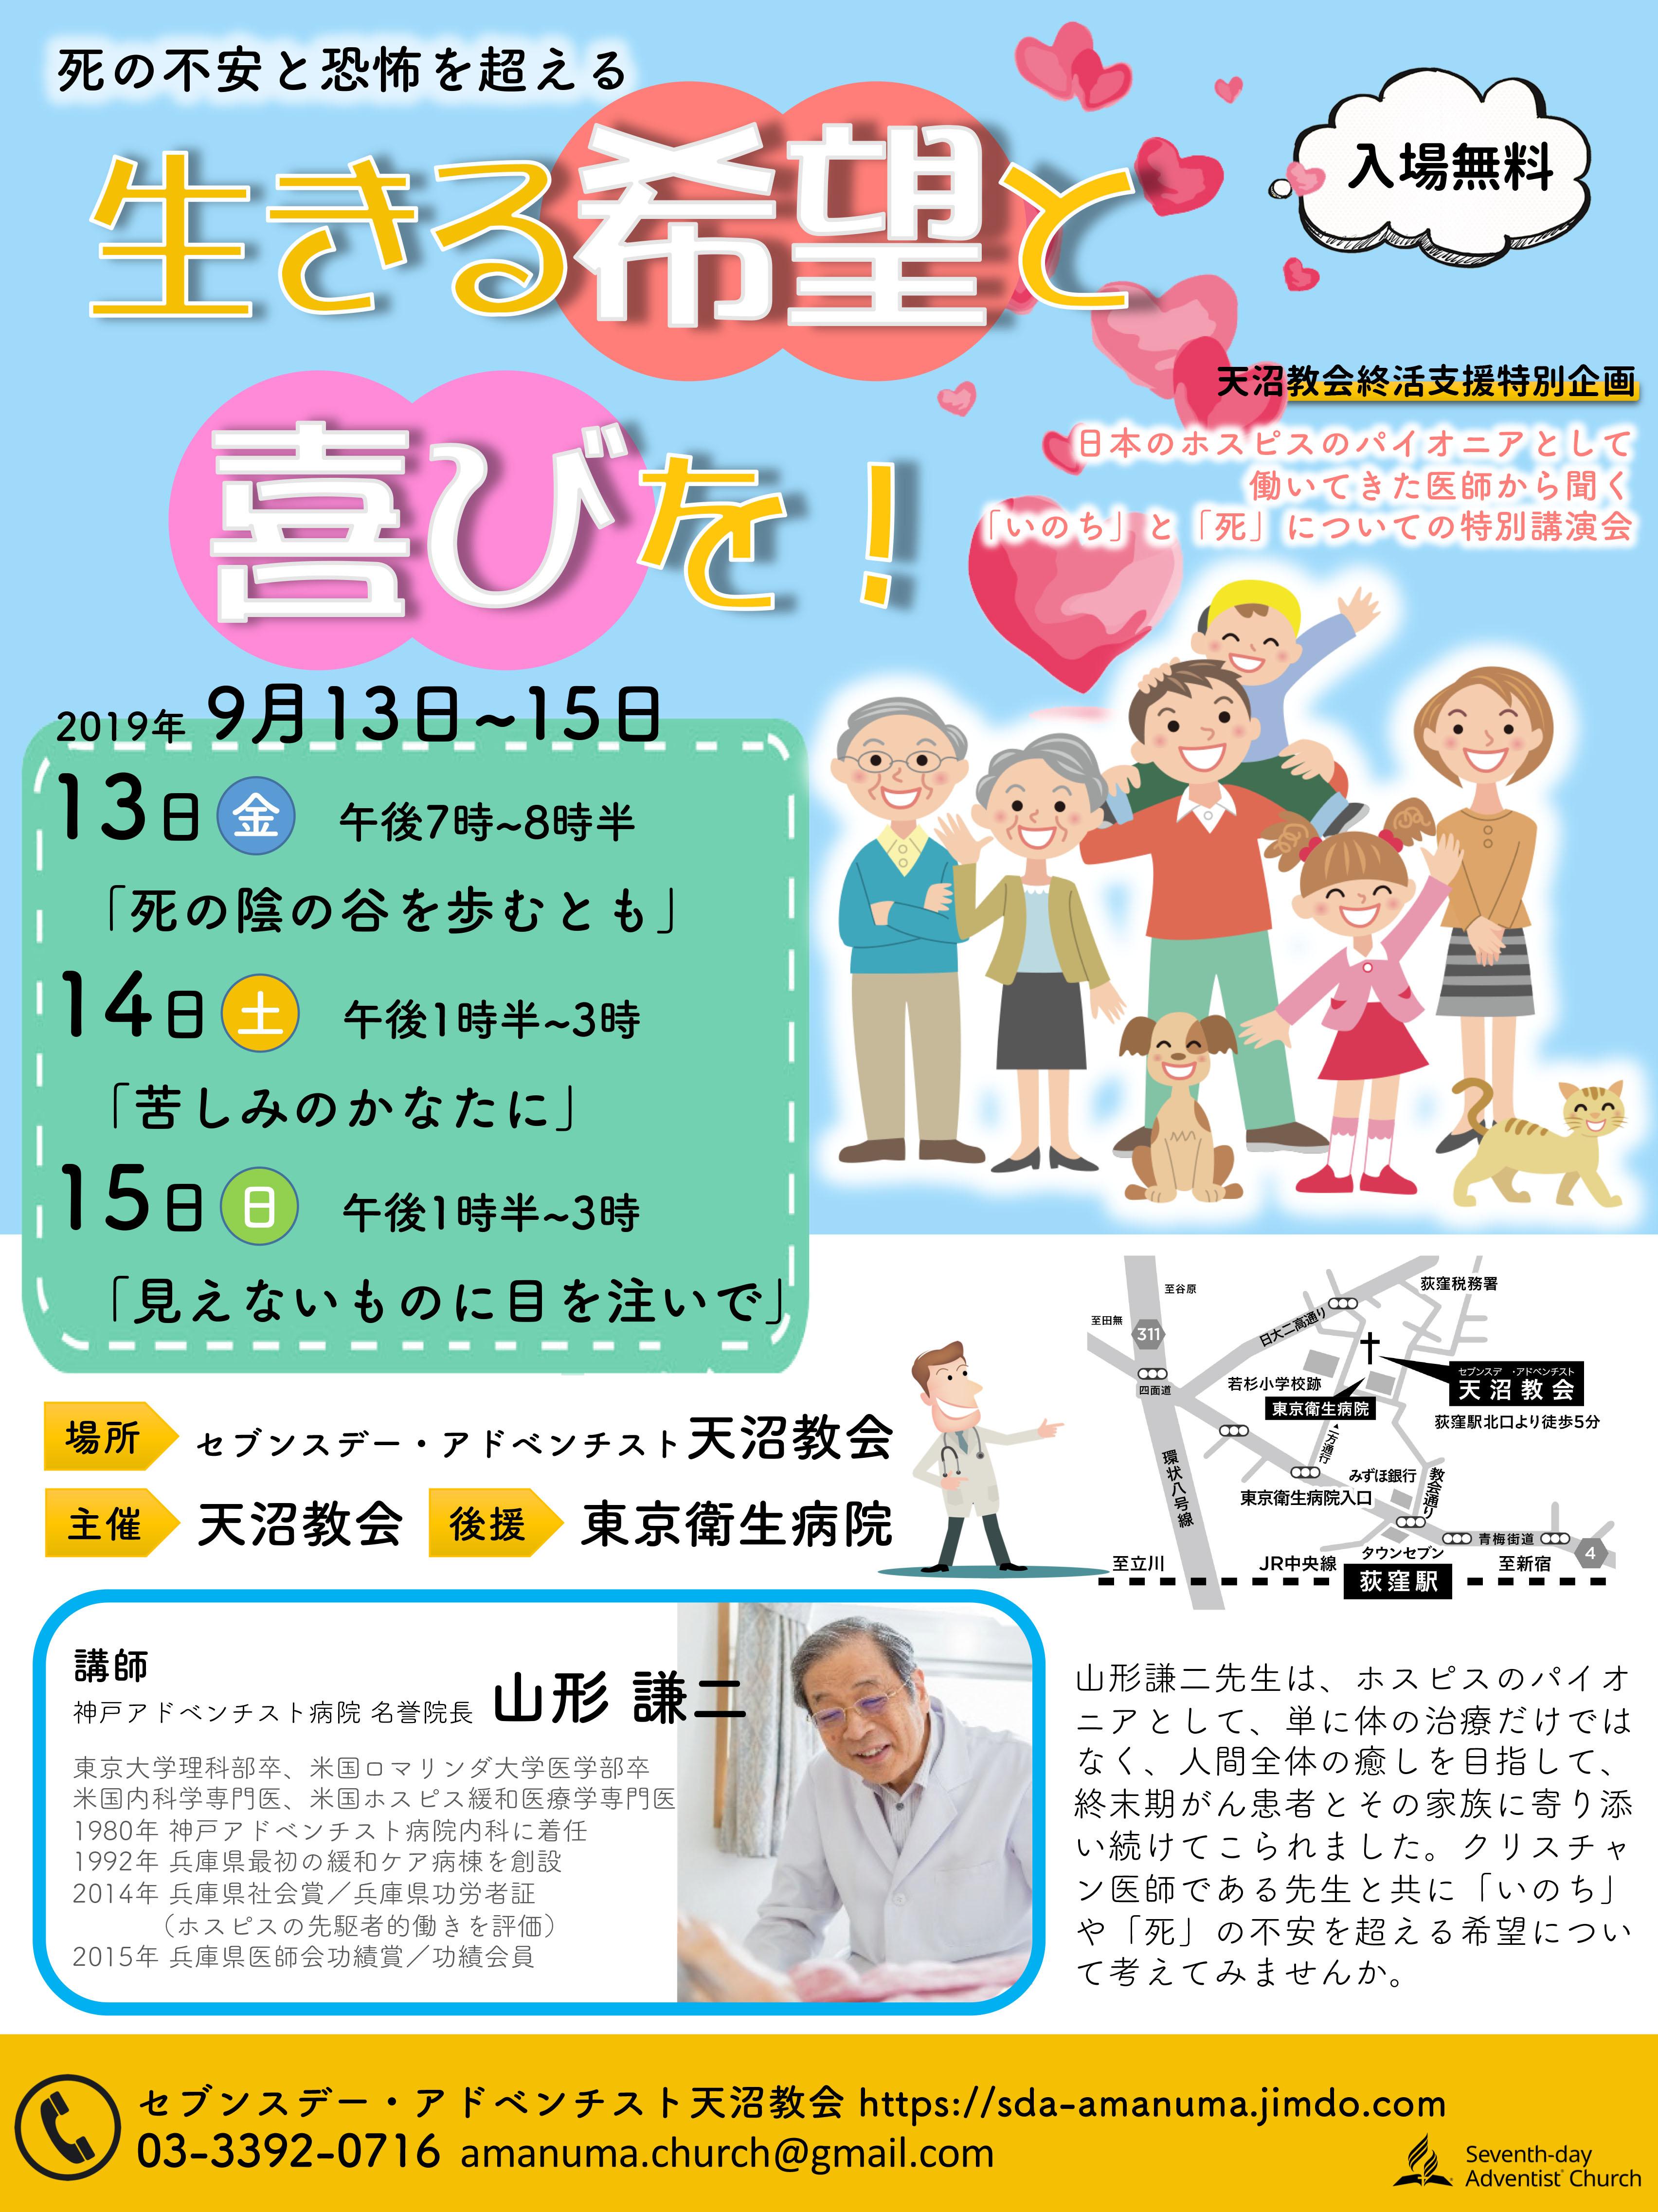 終活セミナー「生きる希望と喜びを!」